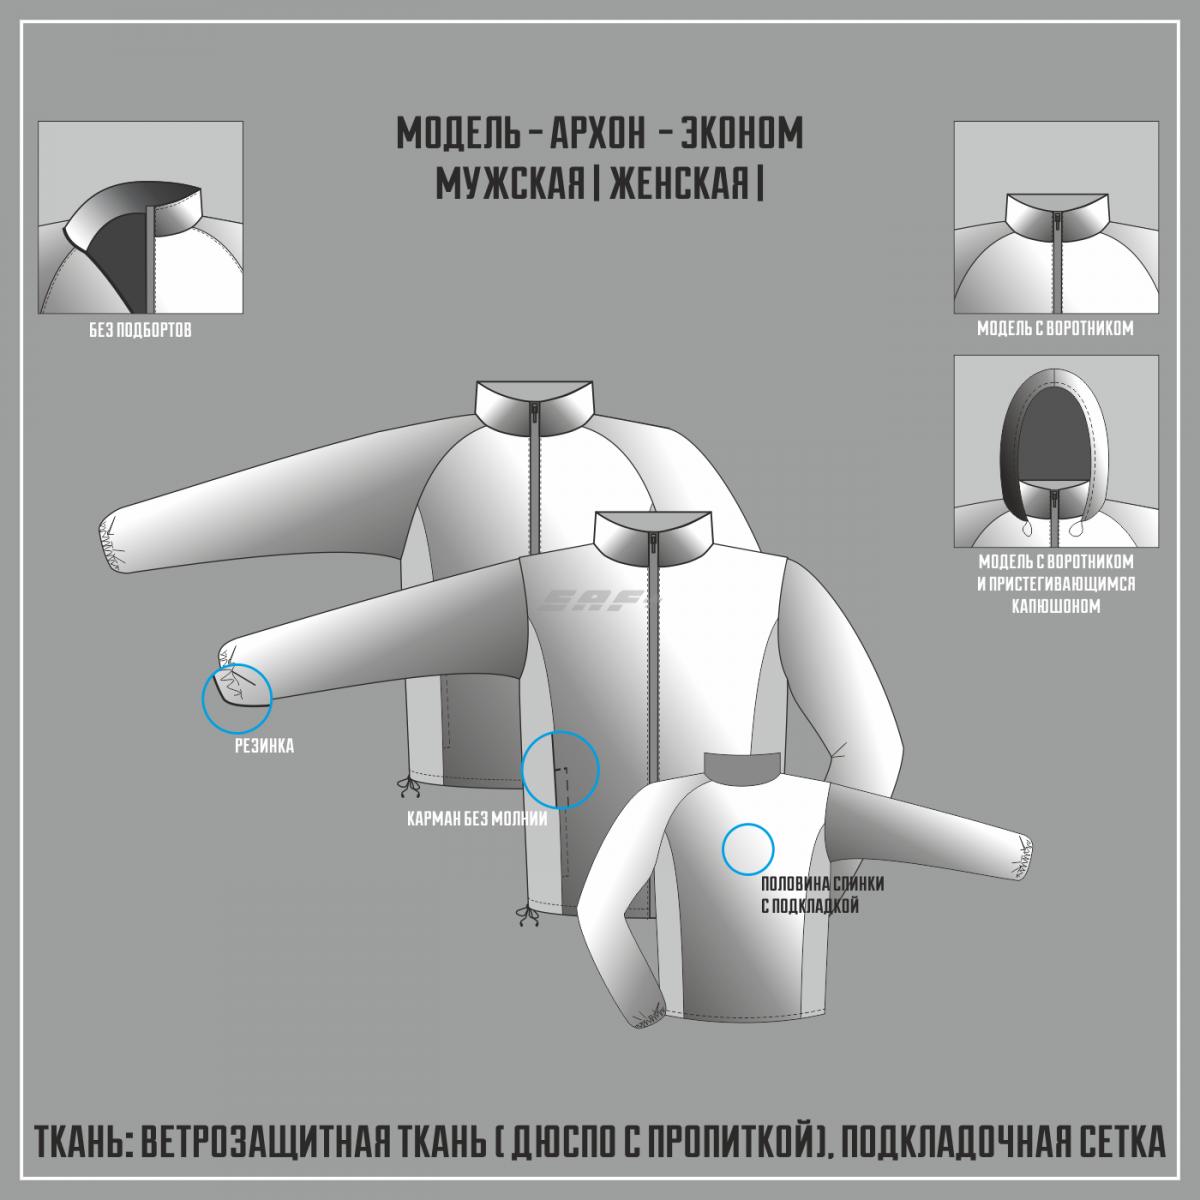 АРХОН-ЭКОНОМ ветровка (Частичная сублимация)